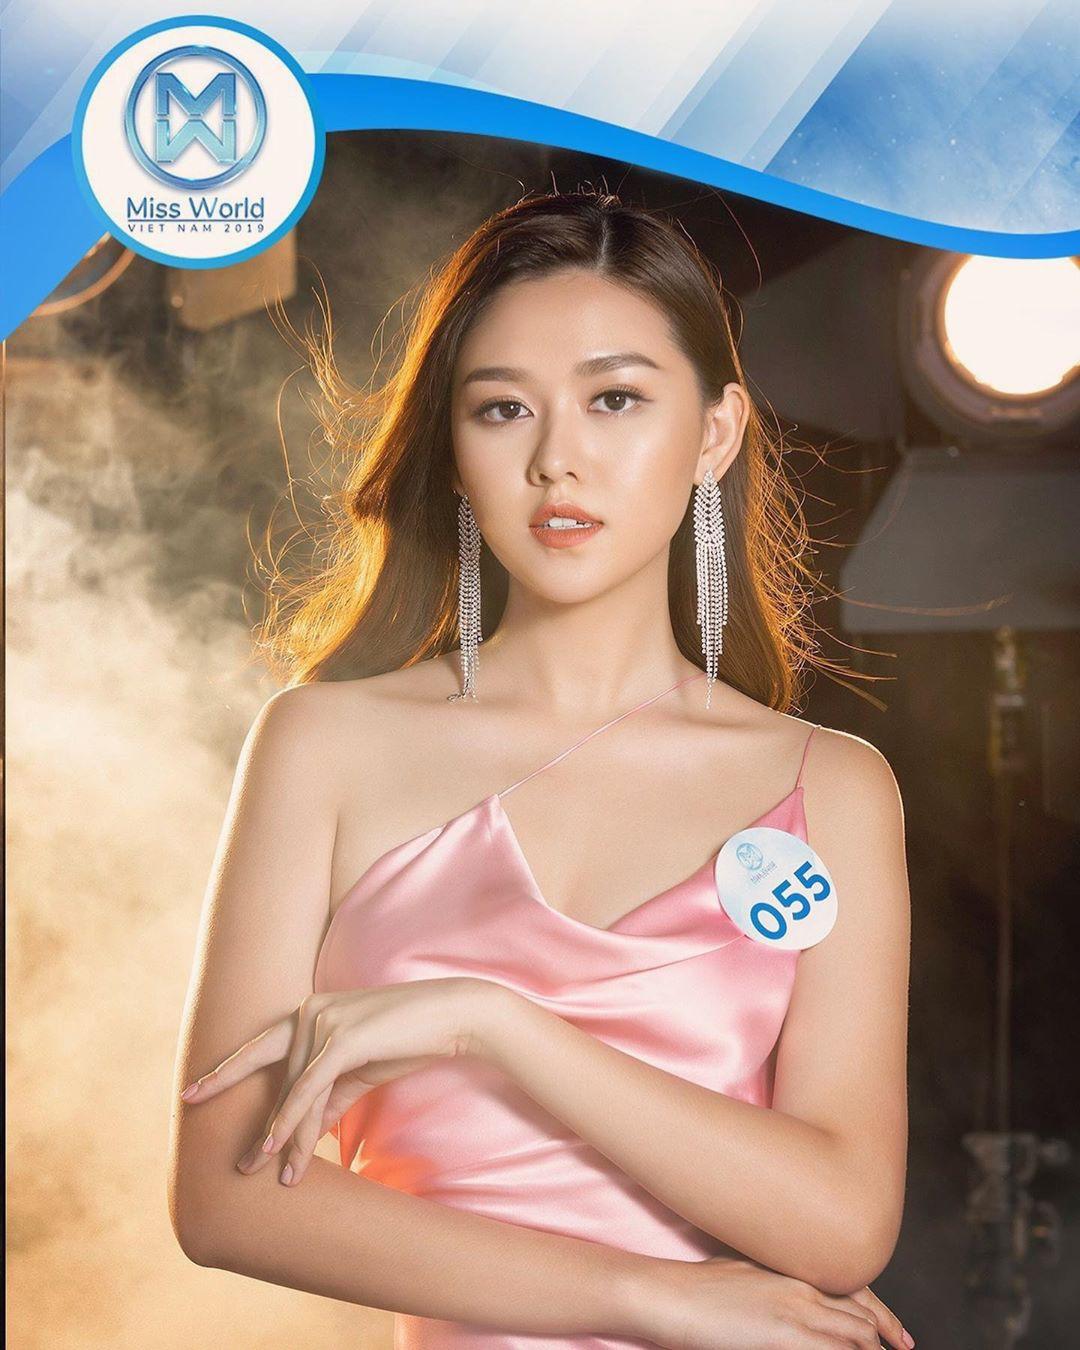 Dàn gái xinh cực phẩm xuất thân từ THPT Phan Đình Phùng (Hà Nội): Lò đào tạo hotgirl đỉnh nhất Việt Nam là đây chứ đâu! - Ảnh 2.